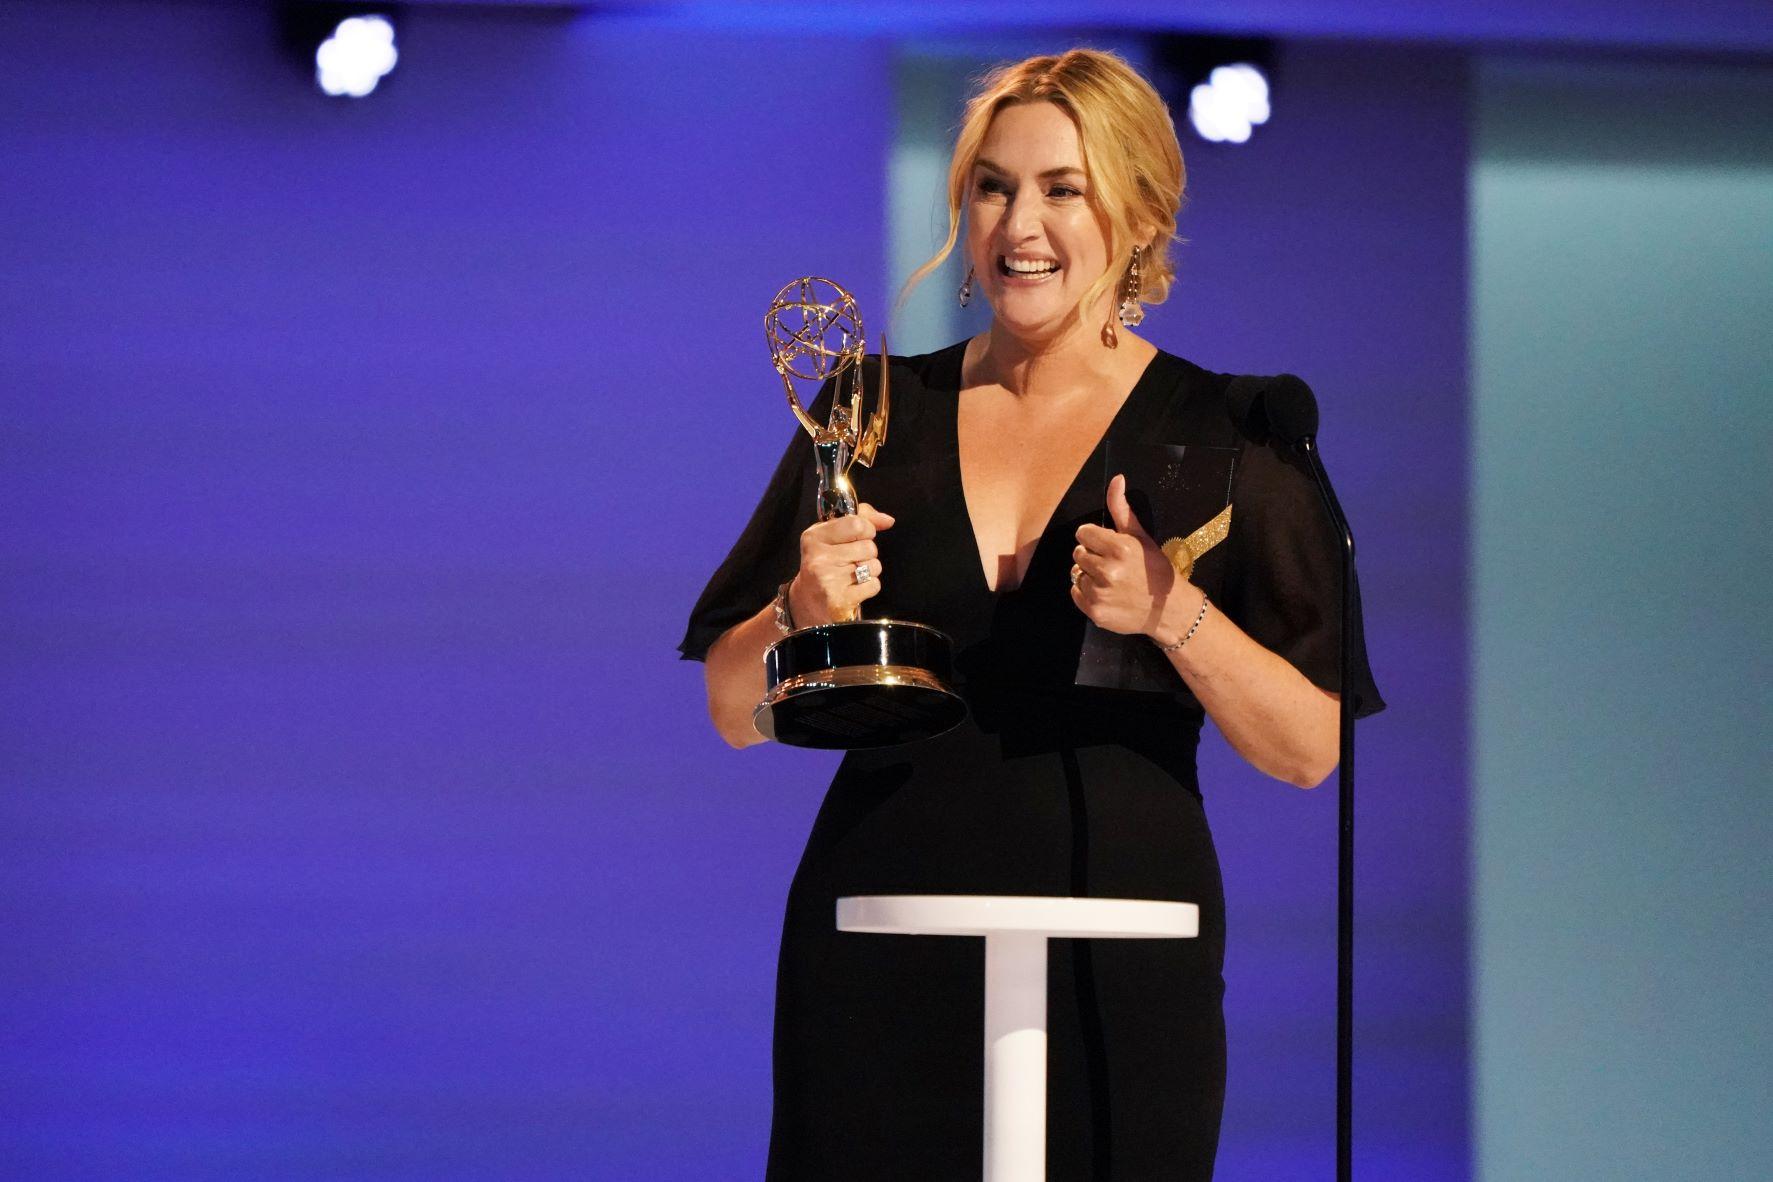 第73回エミー賞発表!ケイト・ウィンスレット主演女優賞受賞含め、U-NEXTにて配信中の『メア・オブ・イーストタウン / ある殺人事件の真実』が3部門受賞!受賞作品&受賞者一覧